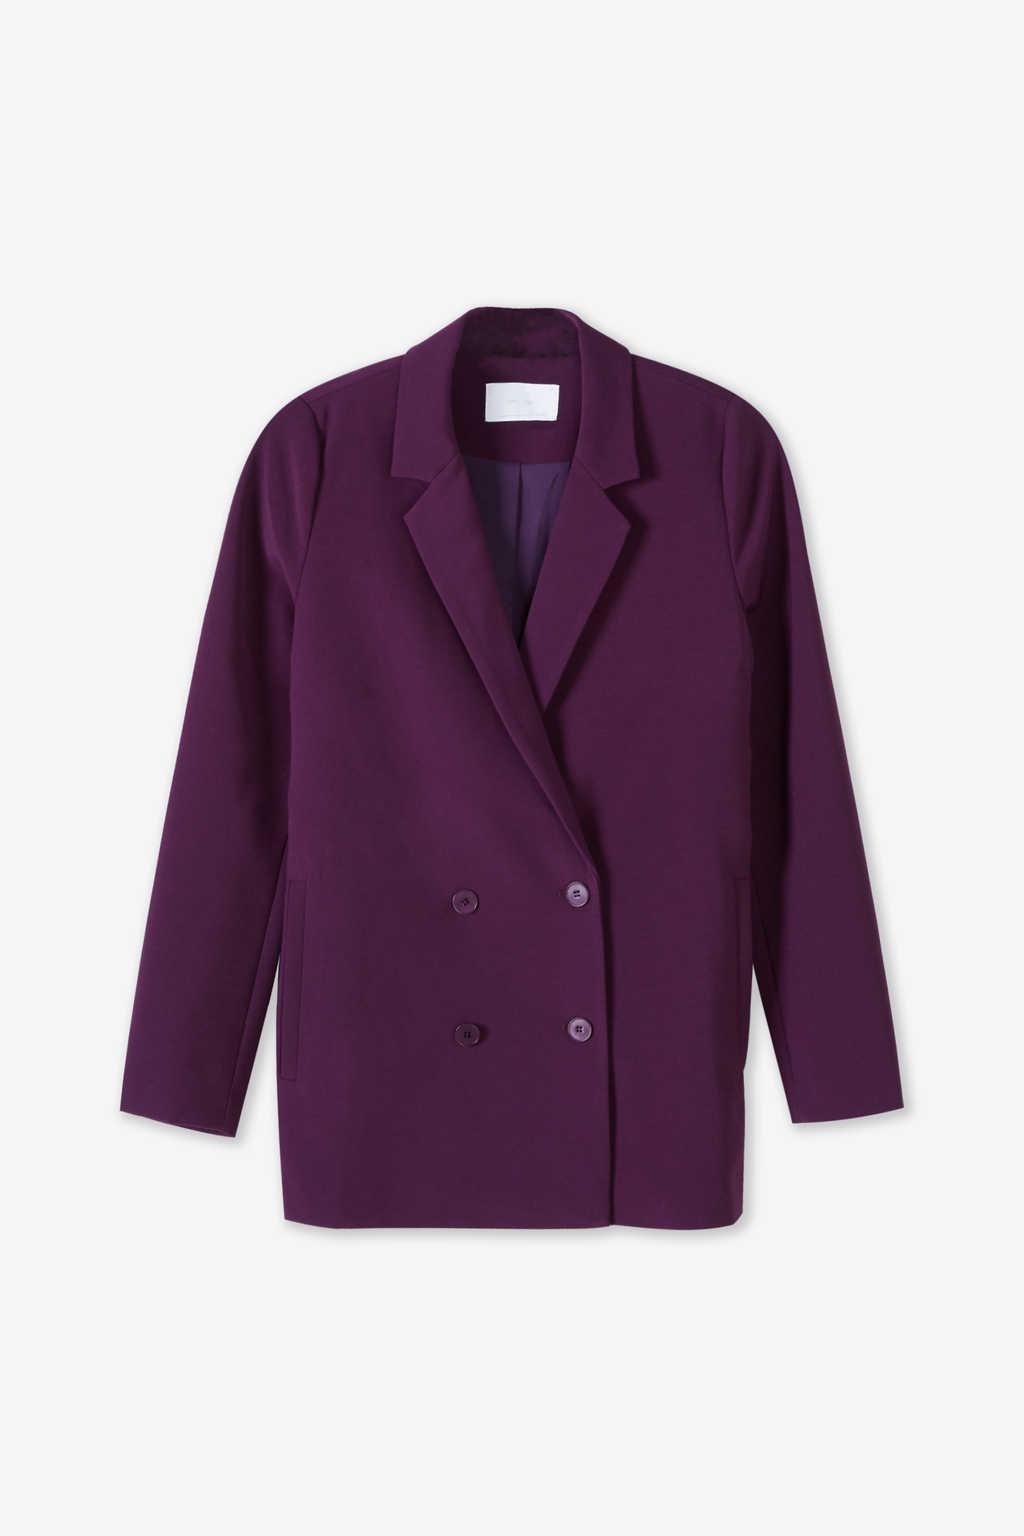 Jacket 2747 Purple 11